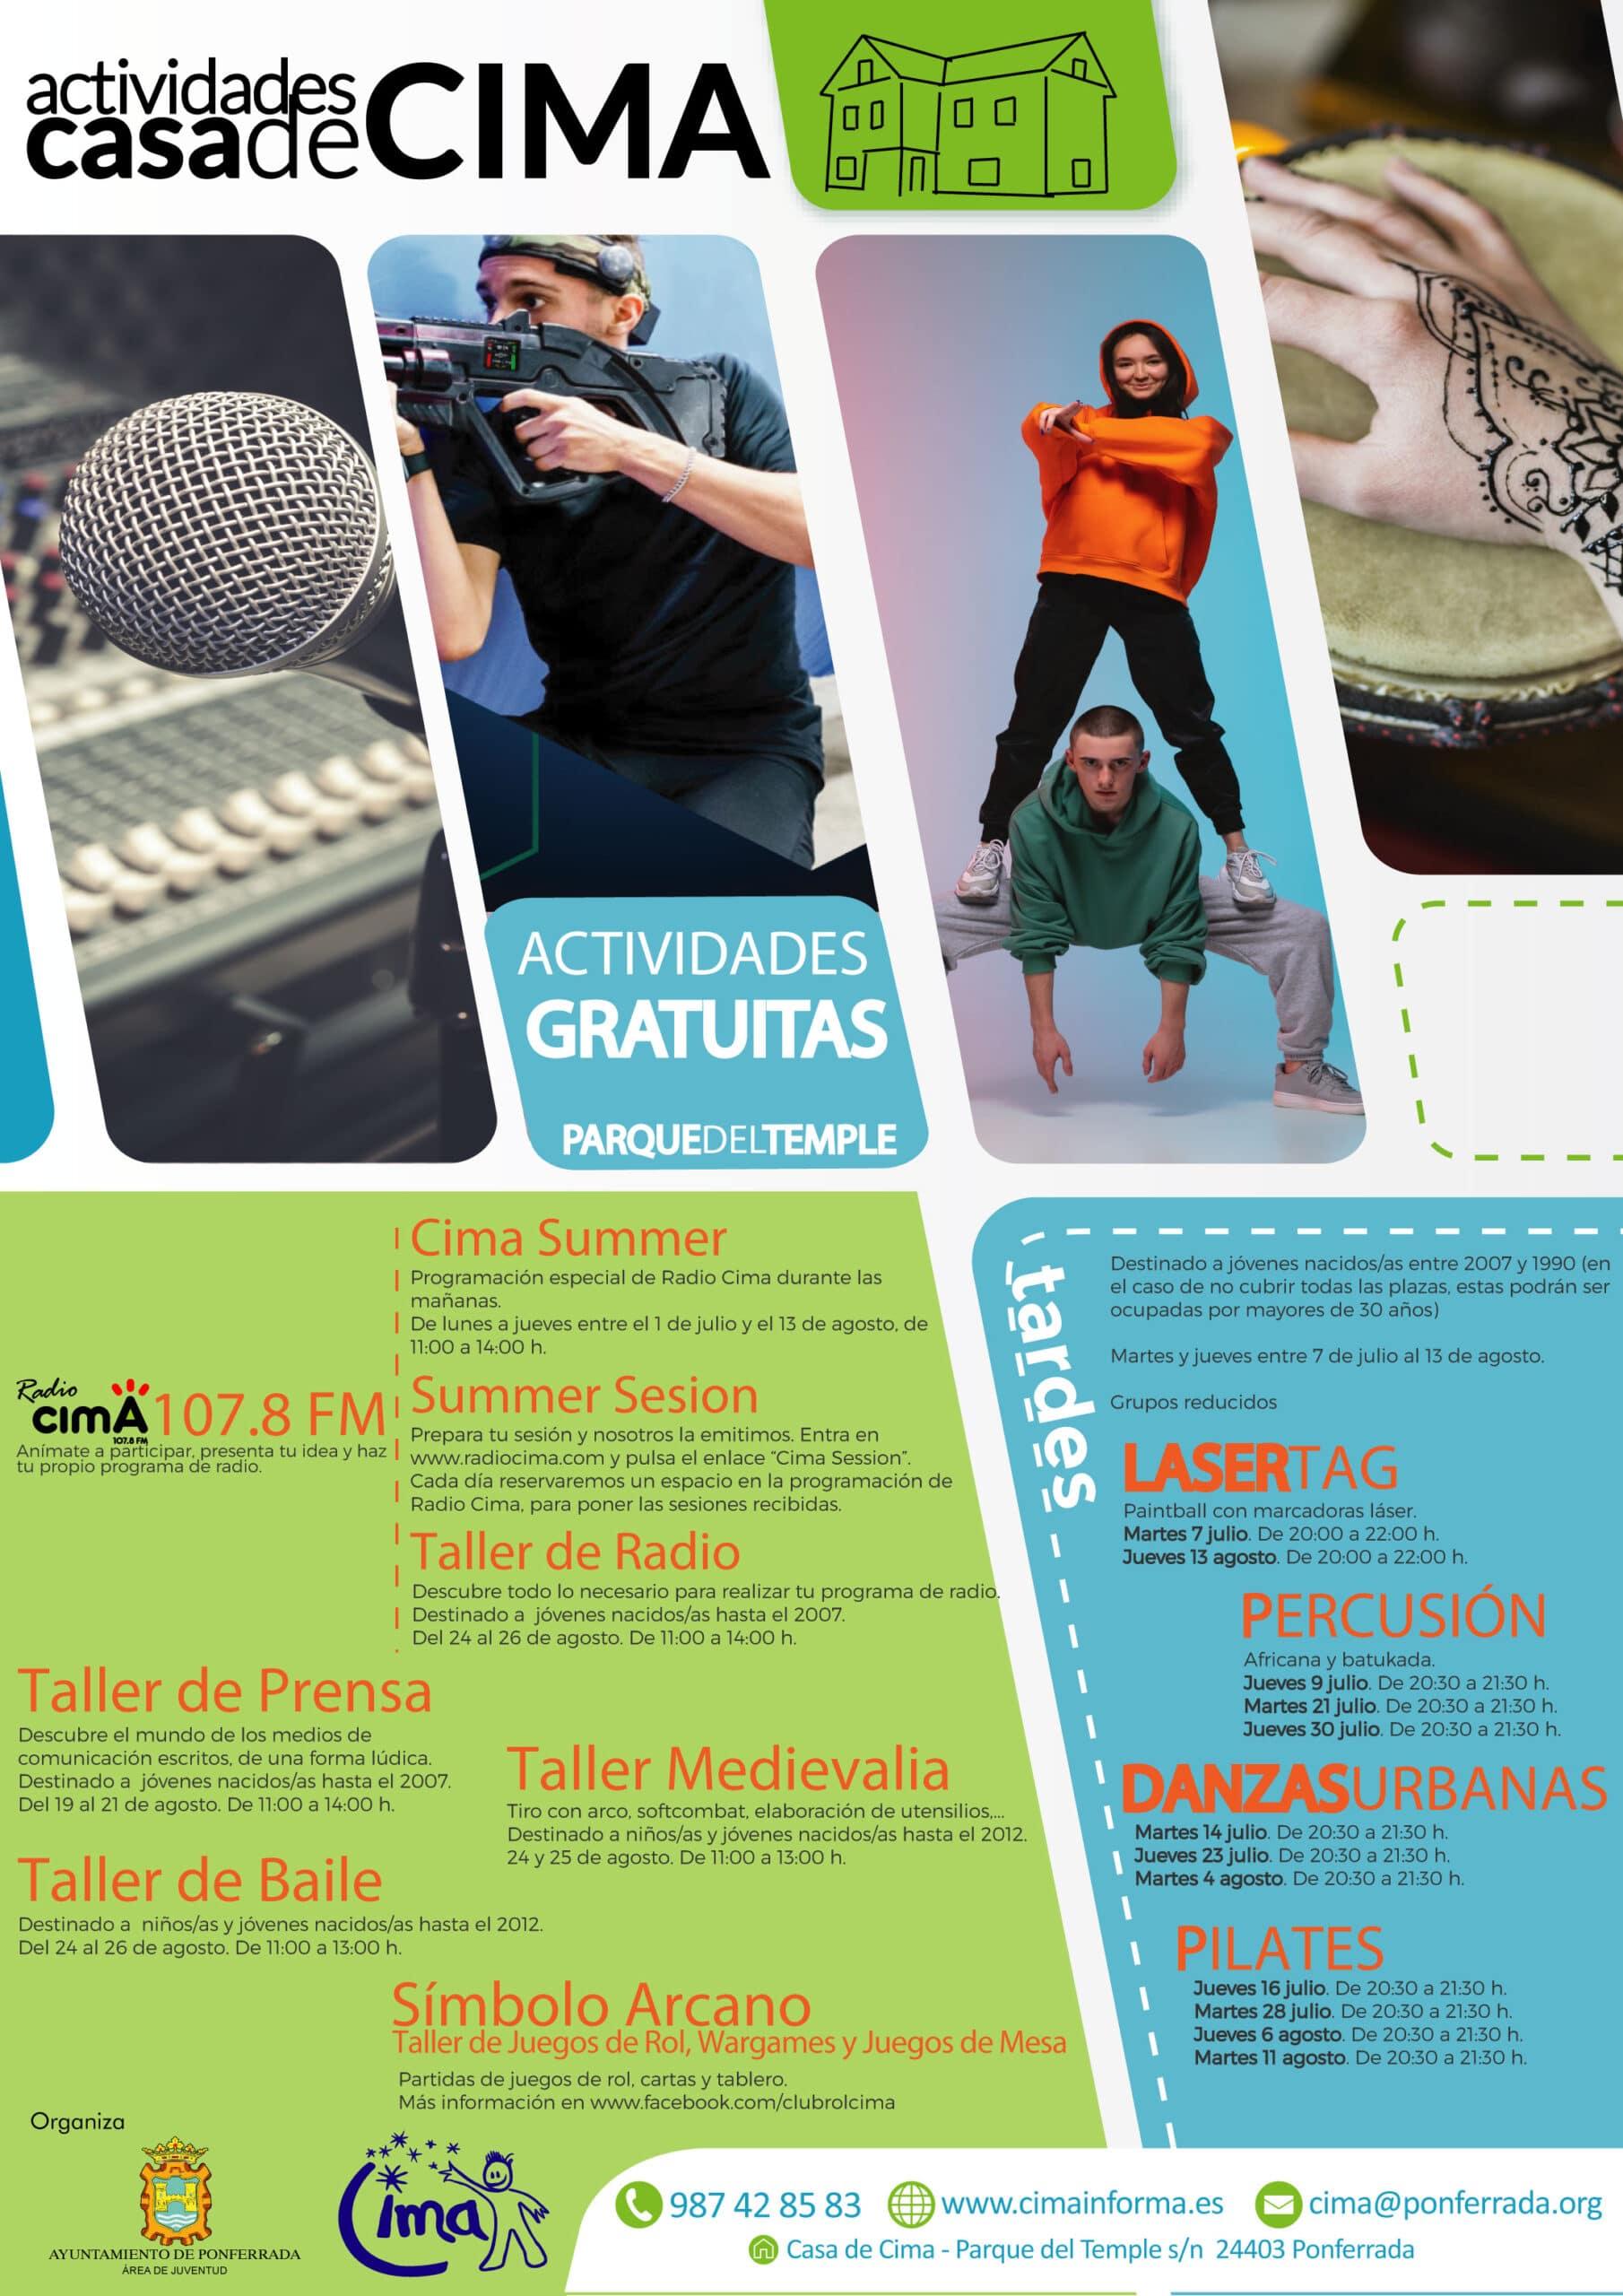 Cima Ponferrada presenta las actividades para el verano 2020 3